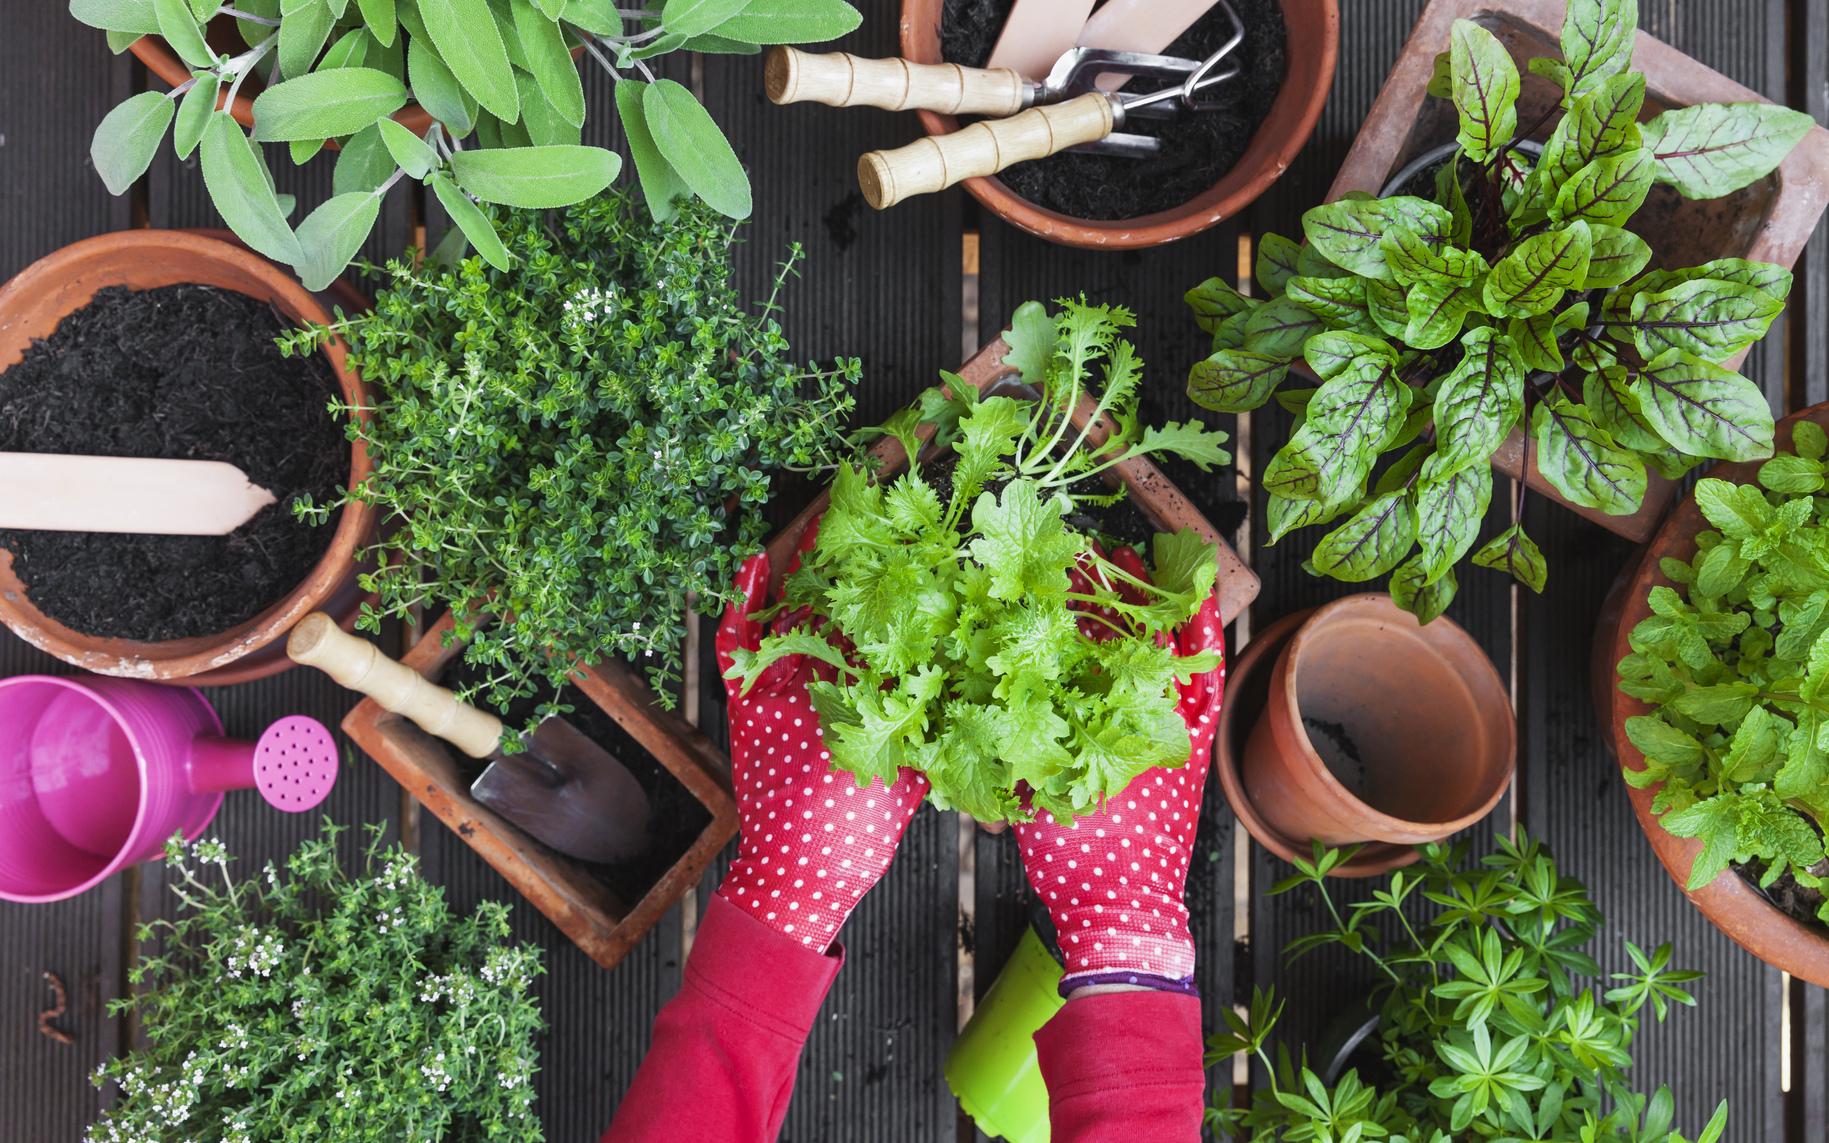 Come Coltivare Pomodori Sul Balcone c'è più gusto a coltivare da soli - consumo.ch: temi legati